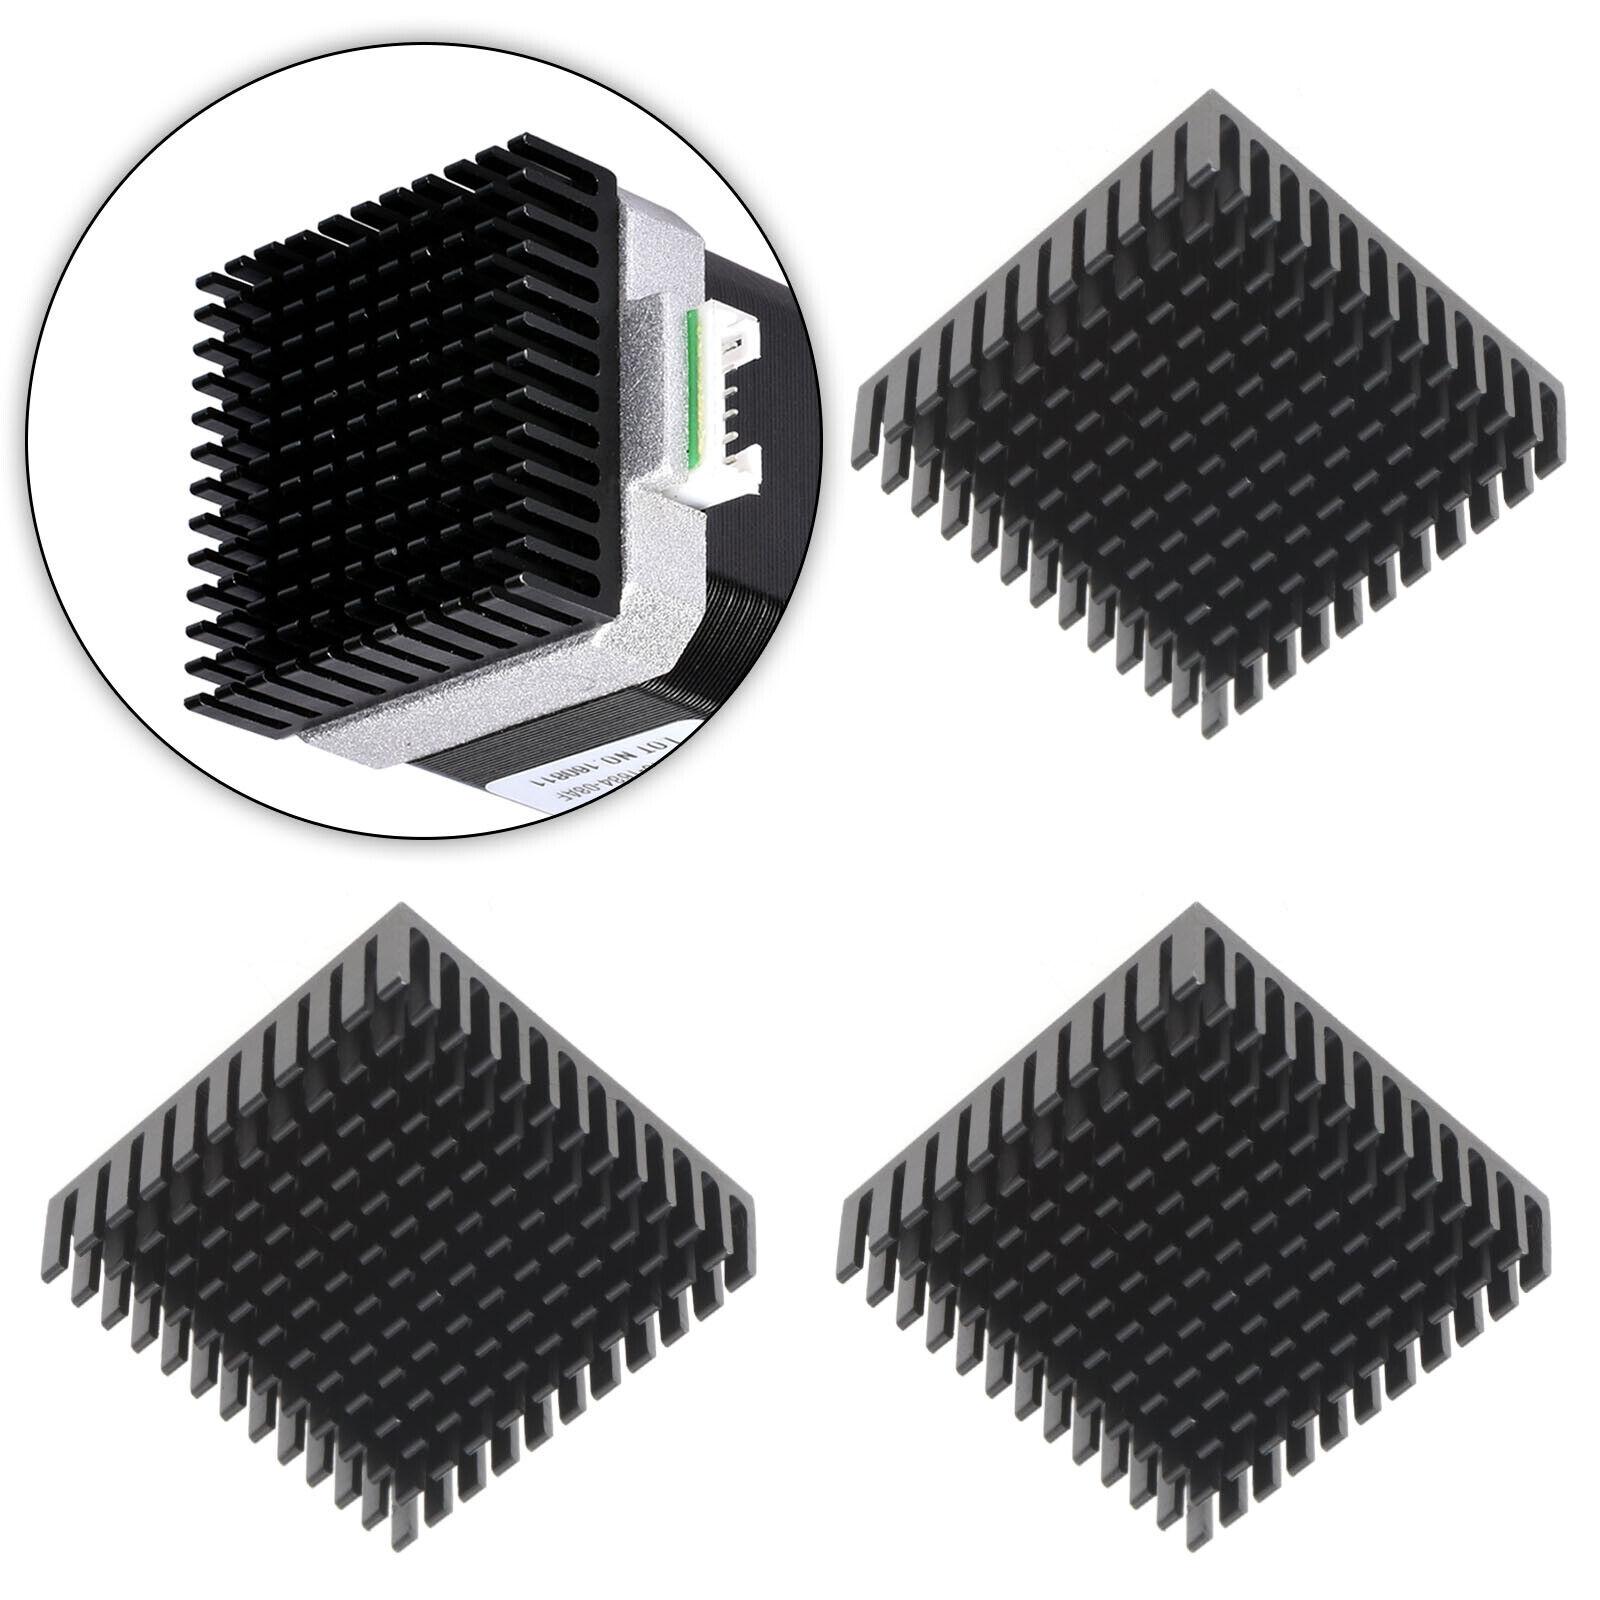 3Pcs 40x40x10mm Heatsink Compatible with NEMA 17 42 Stepper Motor GPU IC